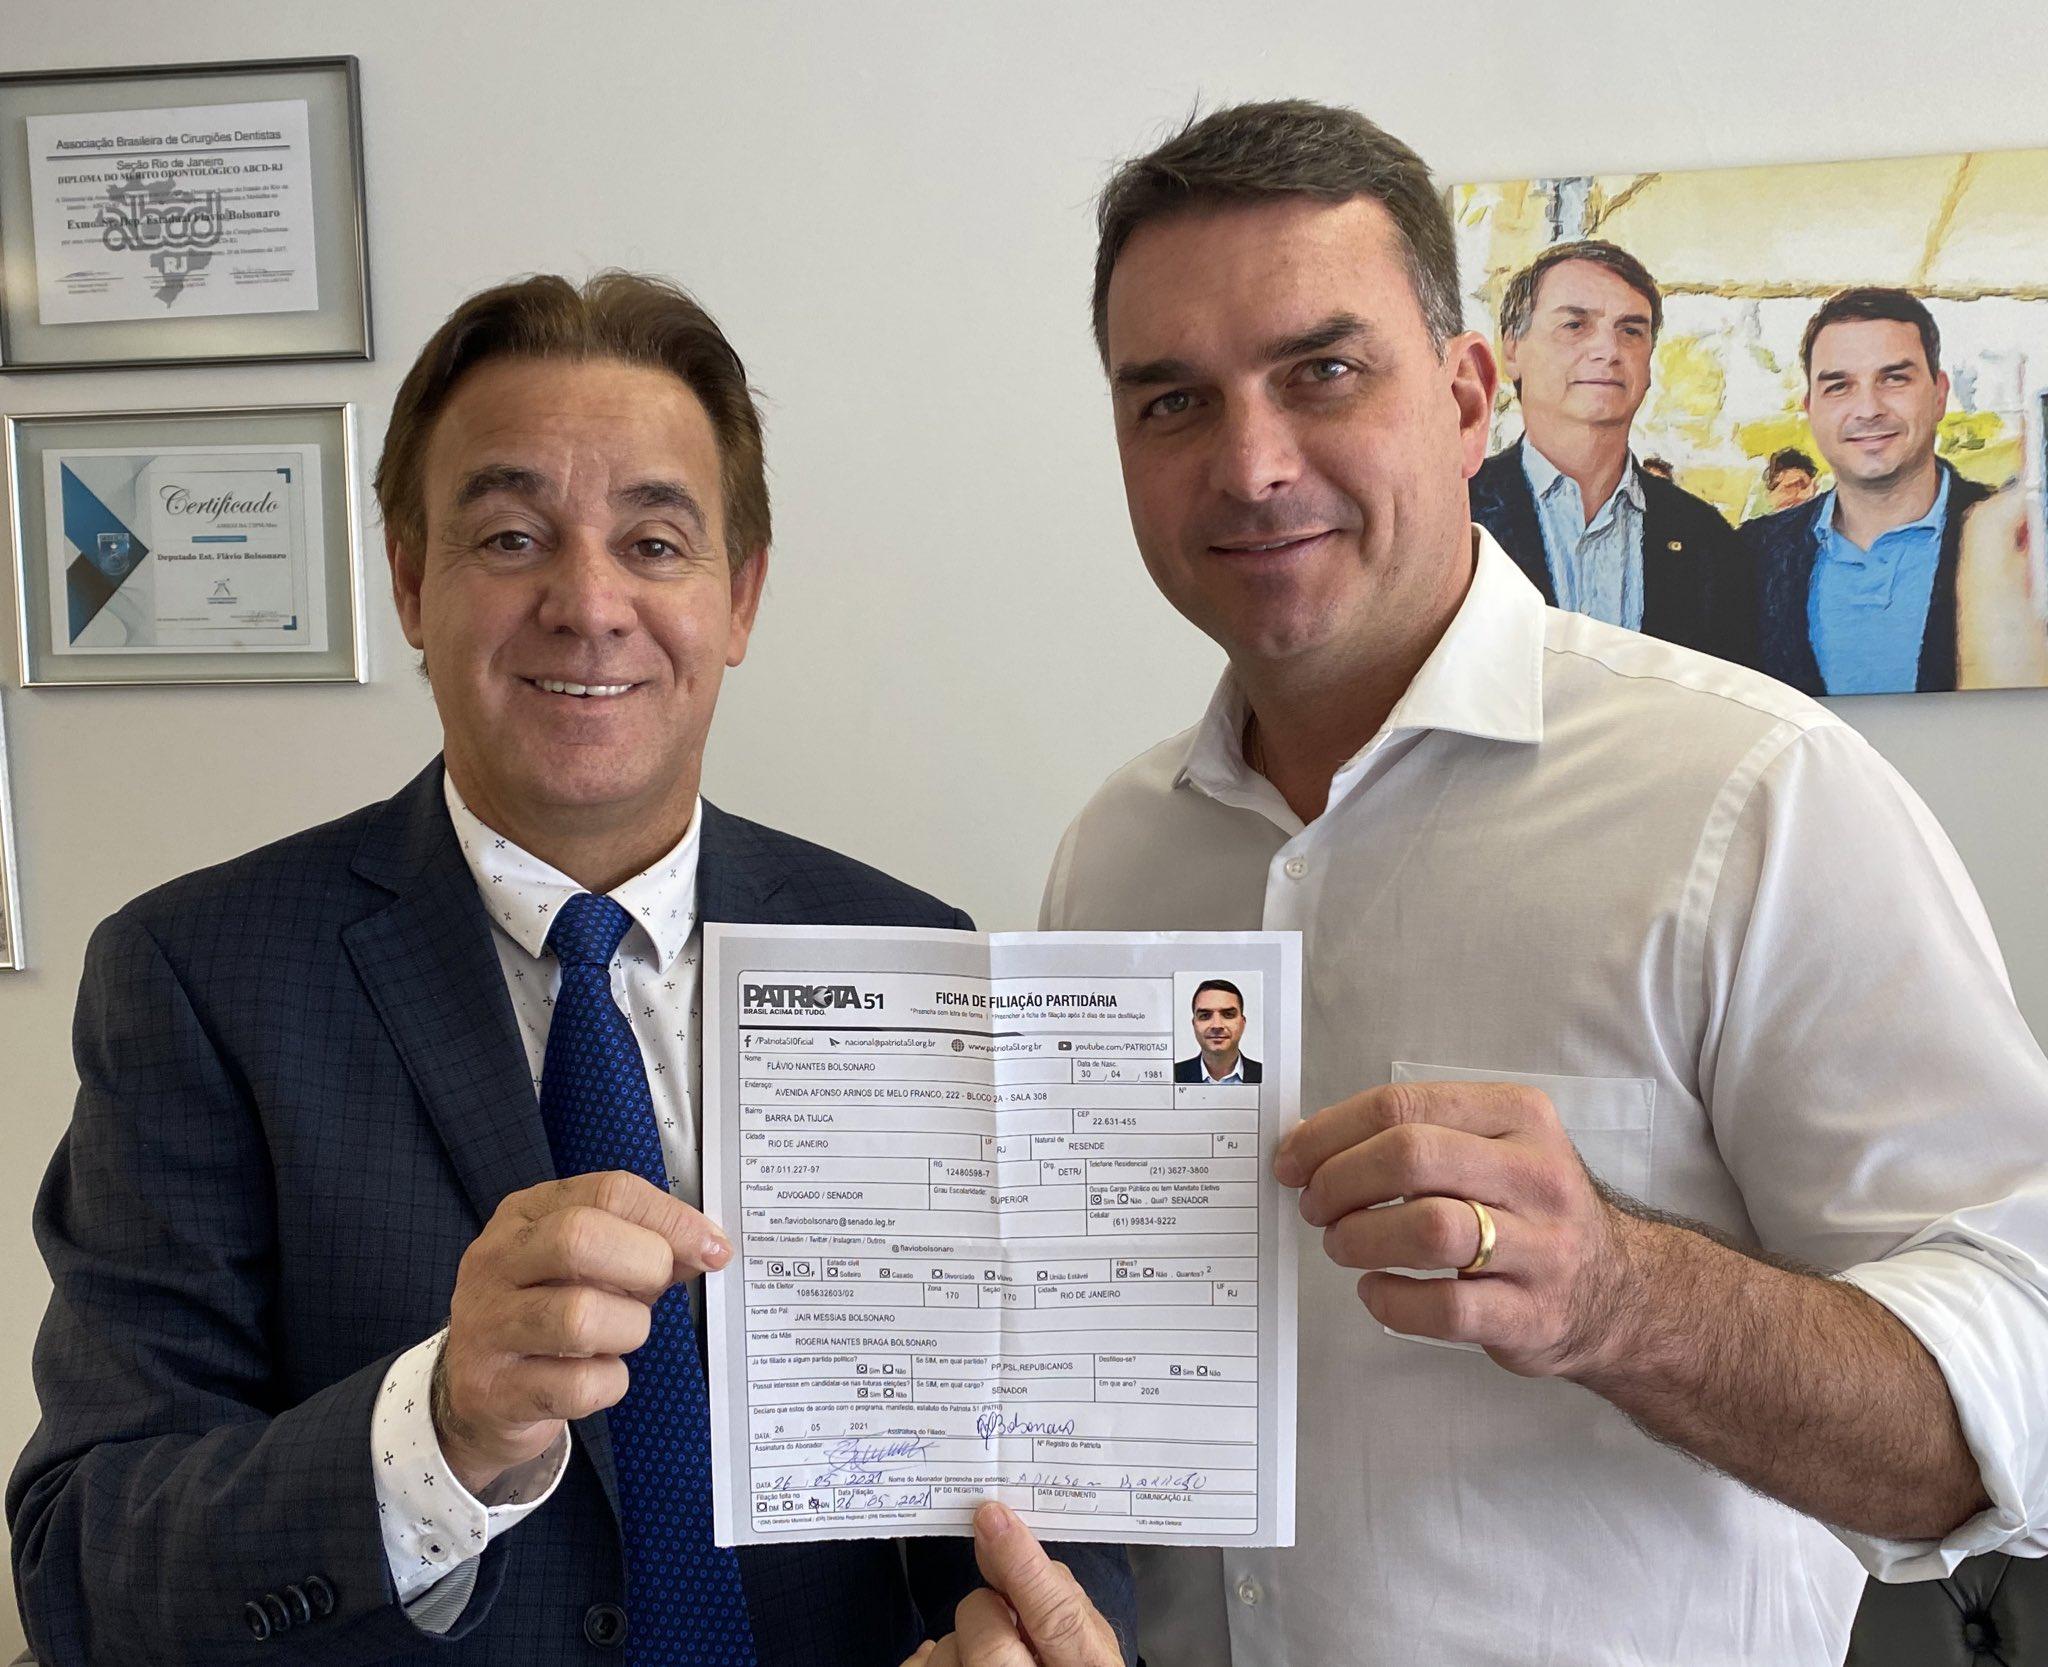 IMAGEM: 'Com muita honra comunico minha filiação ao Patriota', diz Flávio Bolsonaro